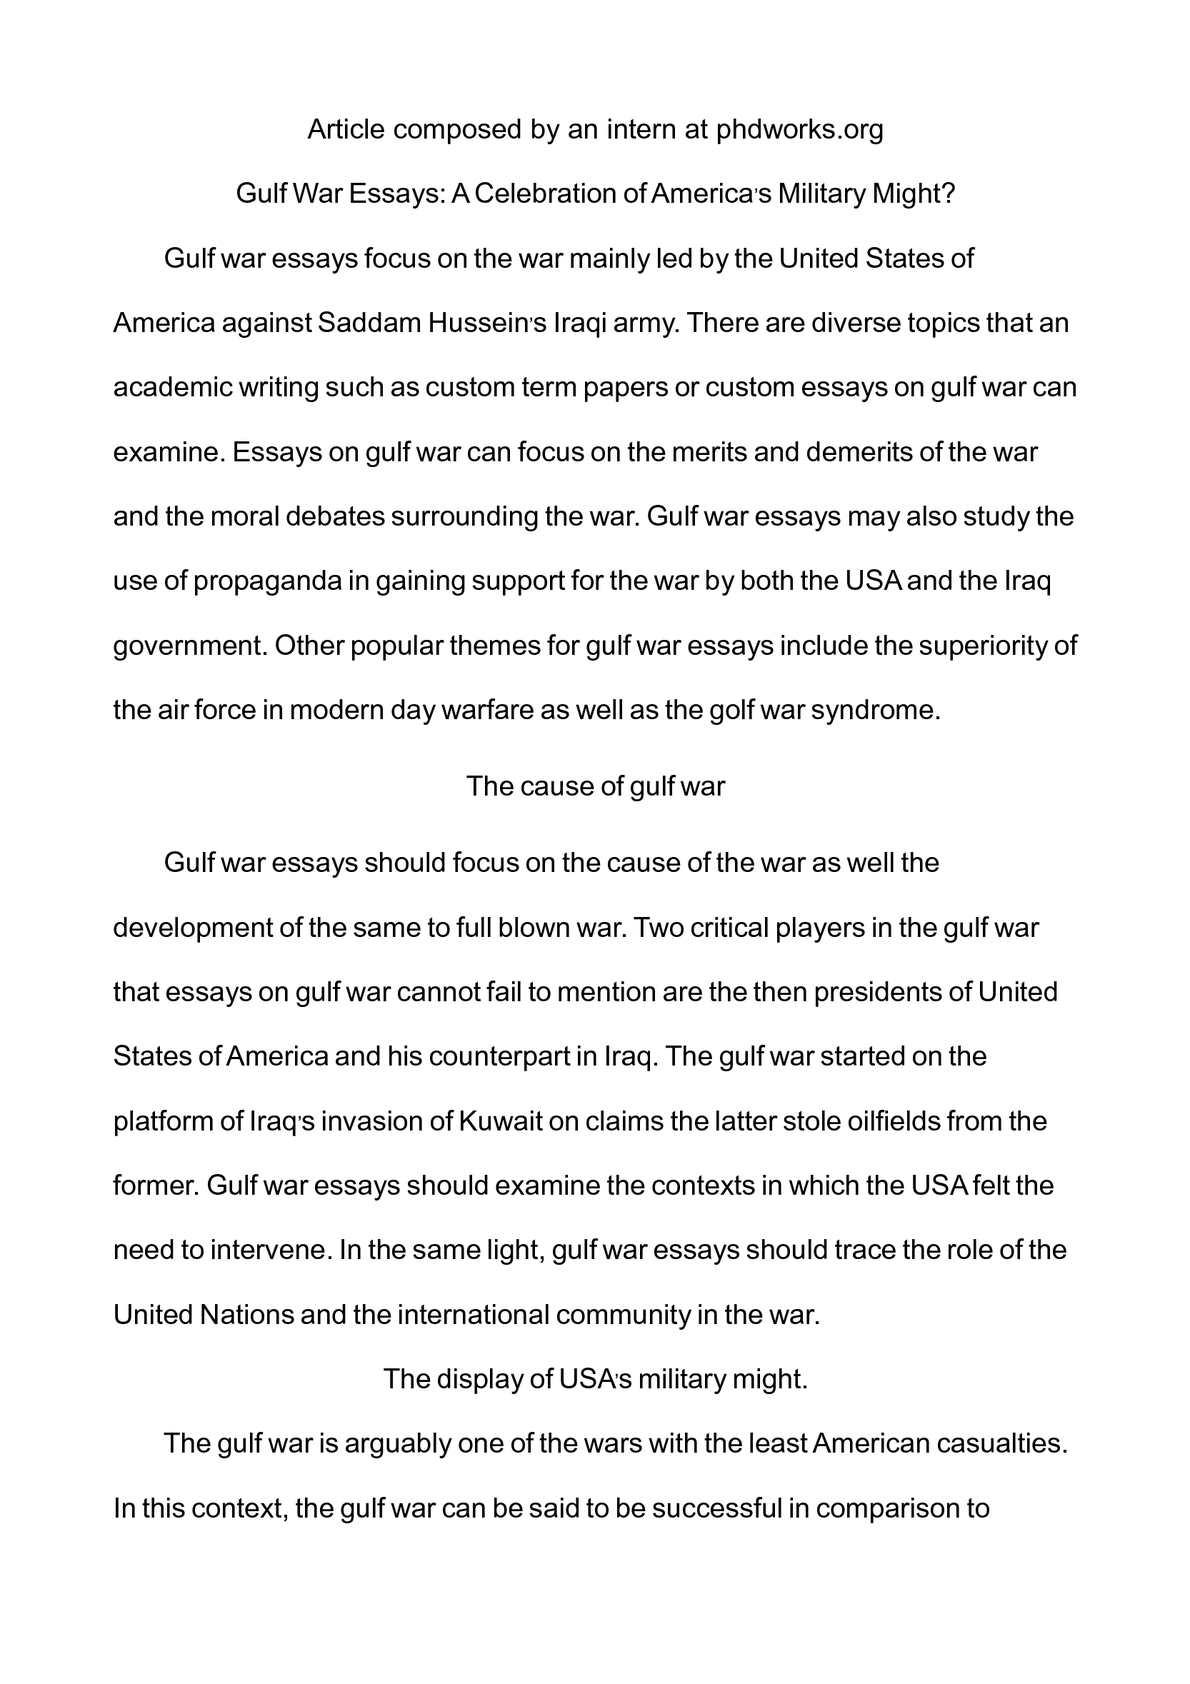 gulf war articles